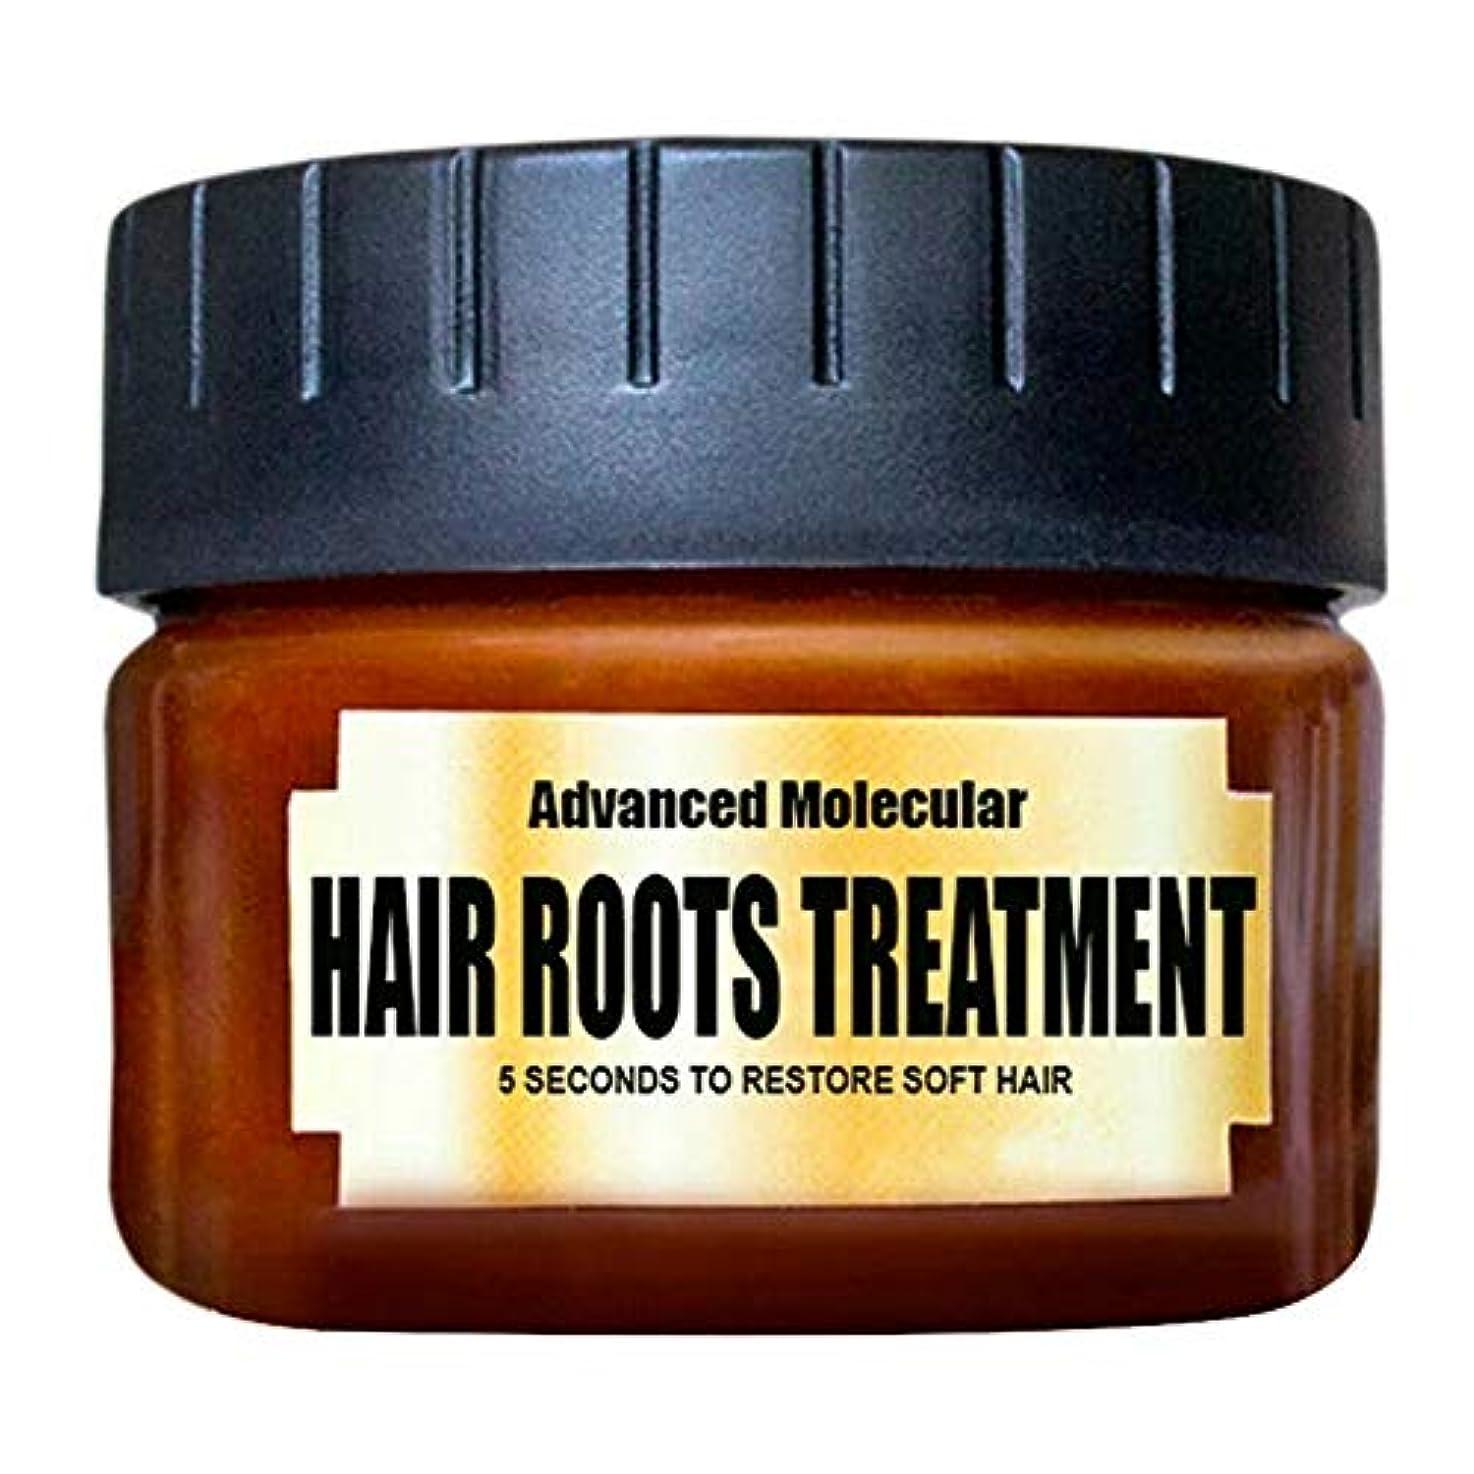 夏フラフープ呪われたBTFirst ヘアルーツトリートメント健康的なソフトヘアケアエッセンスを修復柔らかい髪を取り戻す弾力性を取り戻し健康を取り戻し効果的で便利